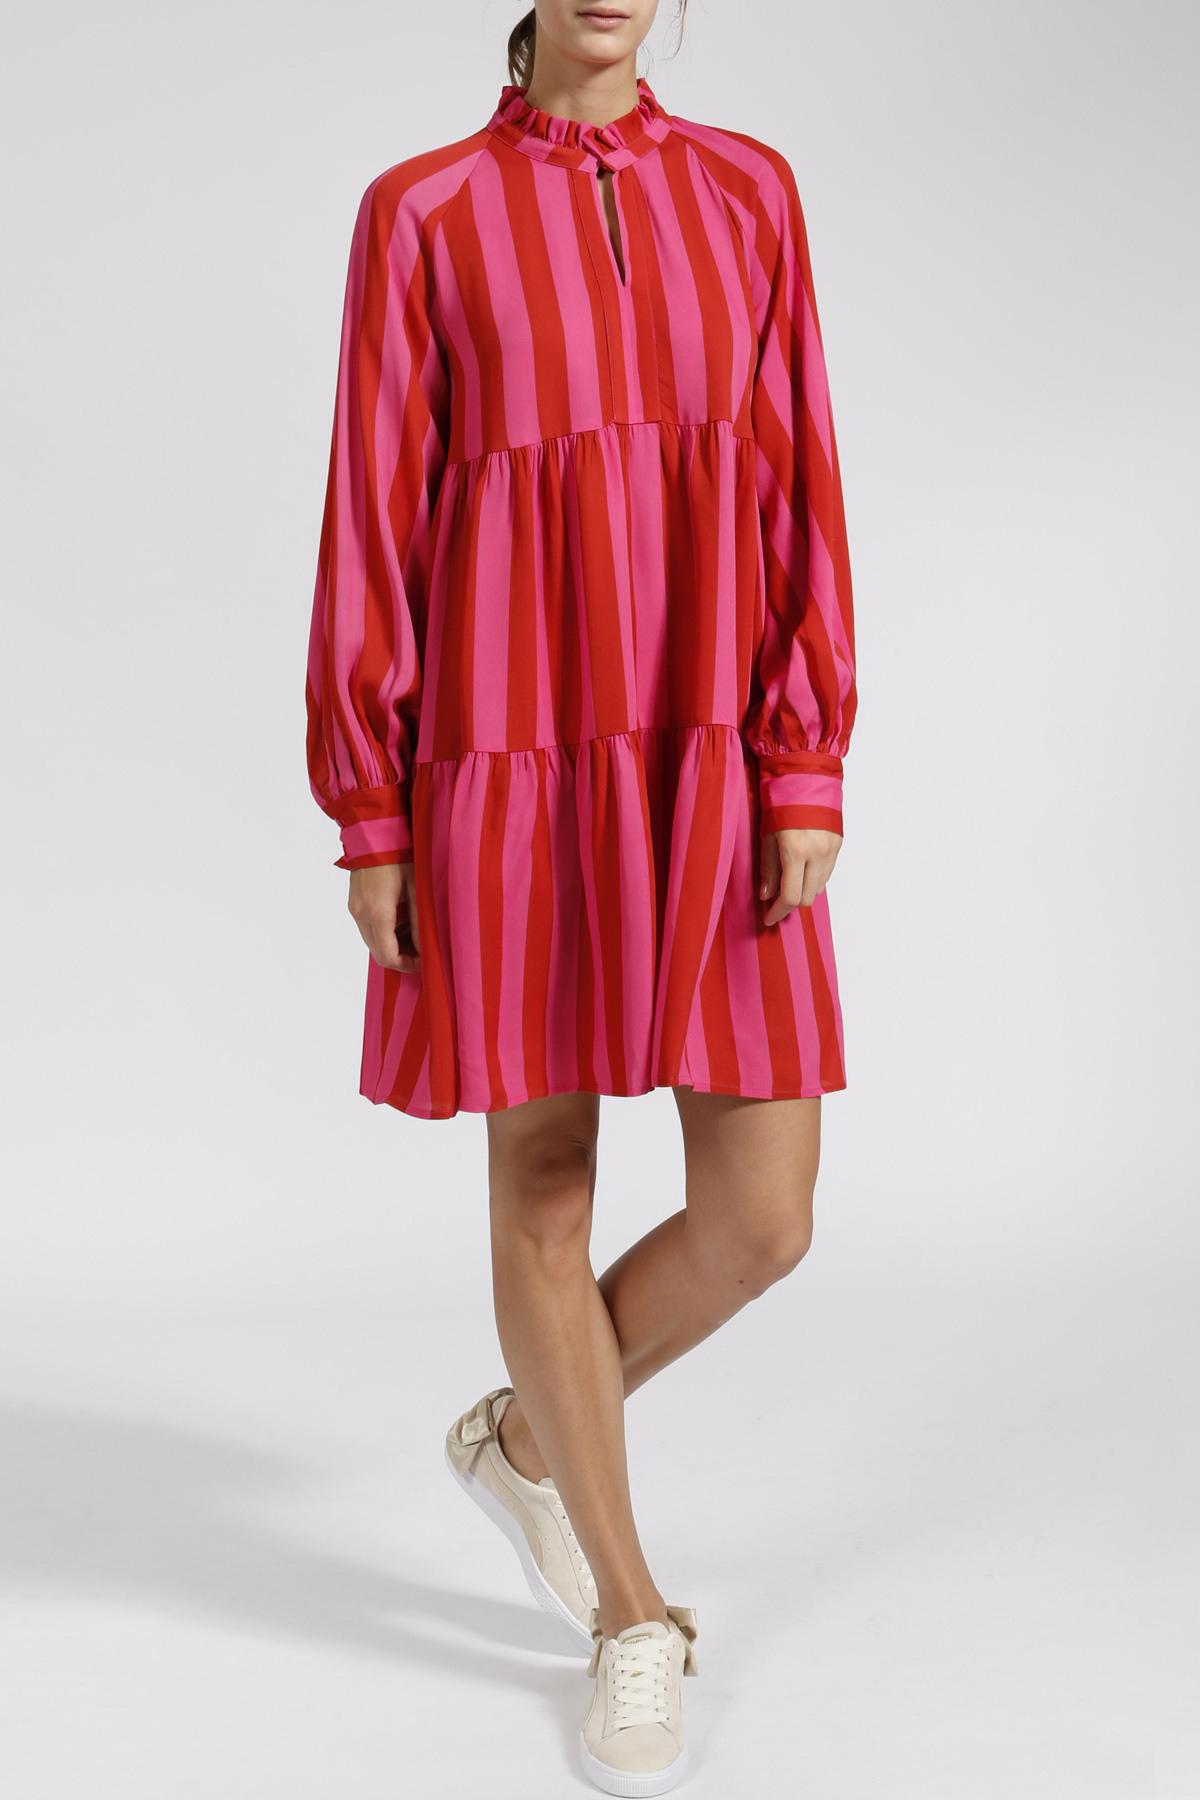 Gestreiftes Kleid Aus Viskose Rot/Pink  Stine Goya